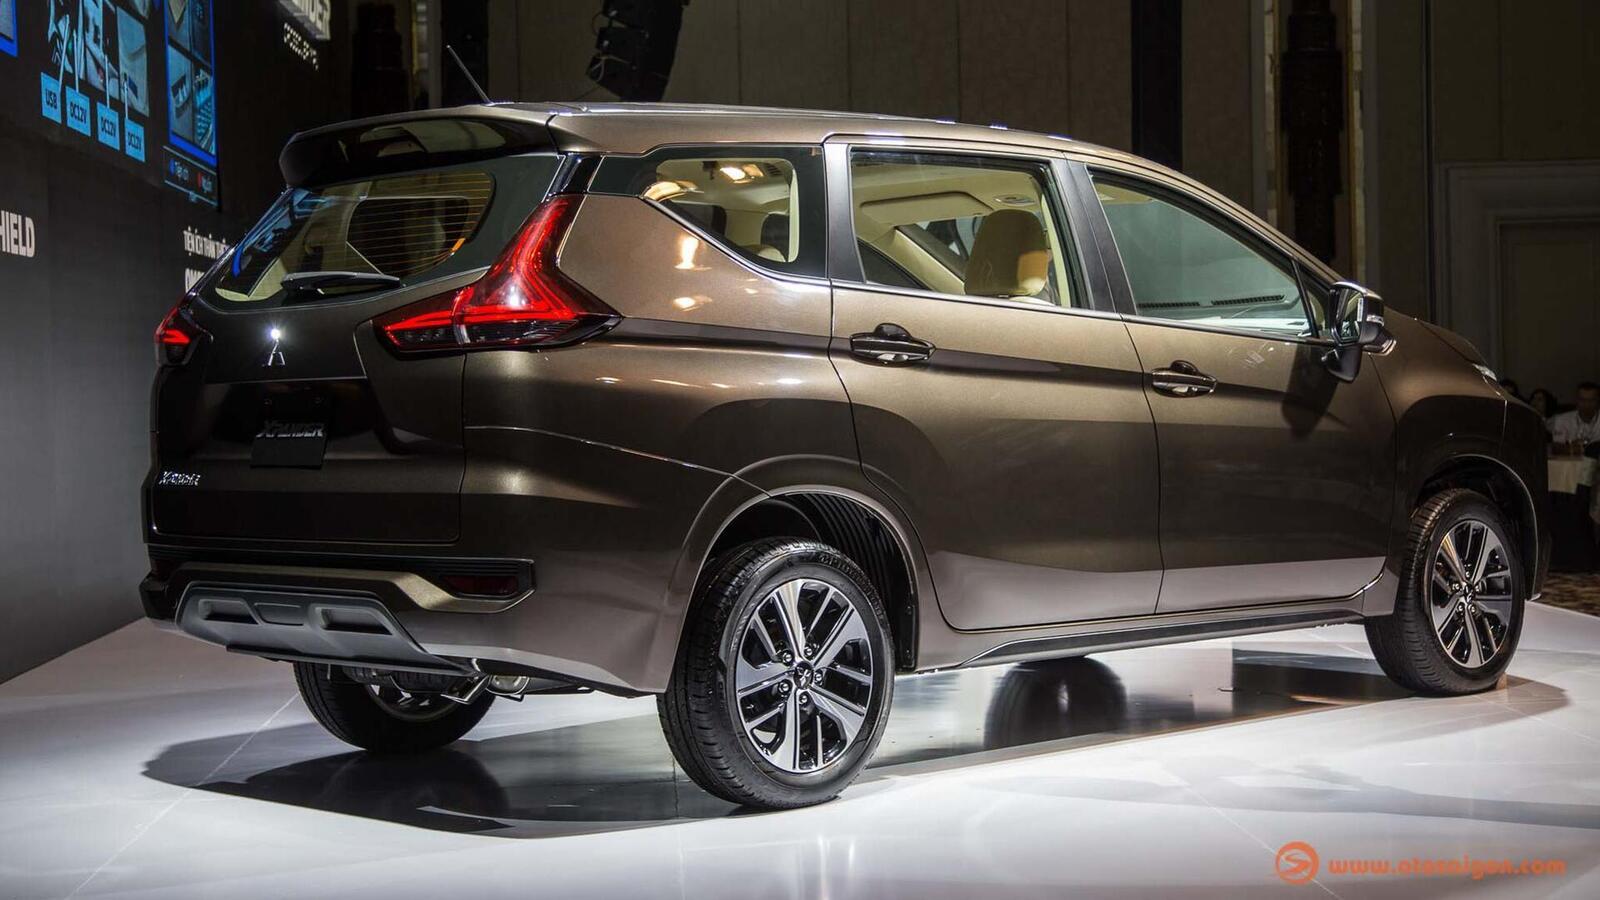 Mitsubishi Xpander đạt doanh số hơn 2.000 chiếc trong tháng 05/2019 - Hình 9